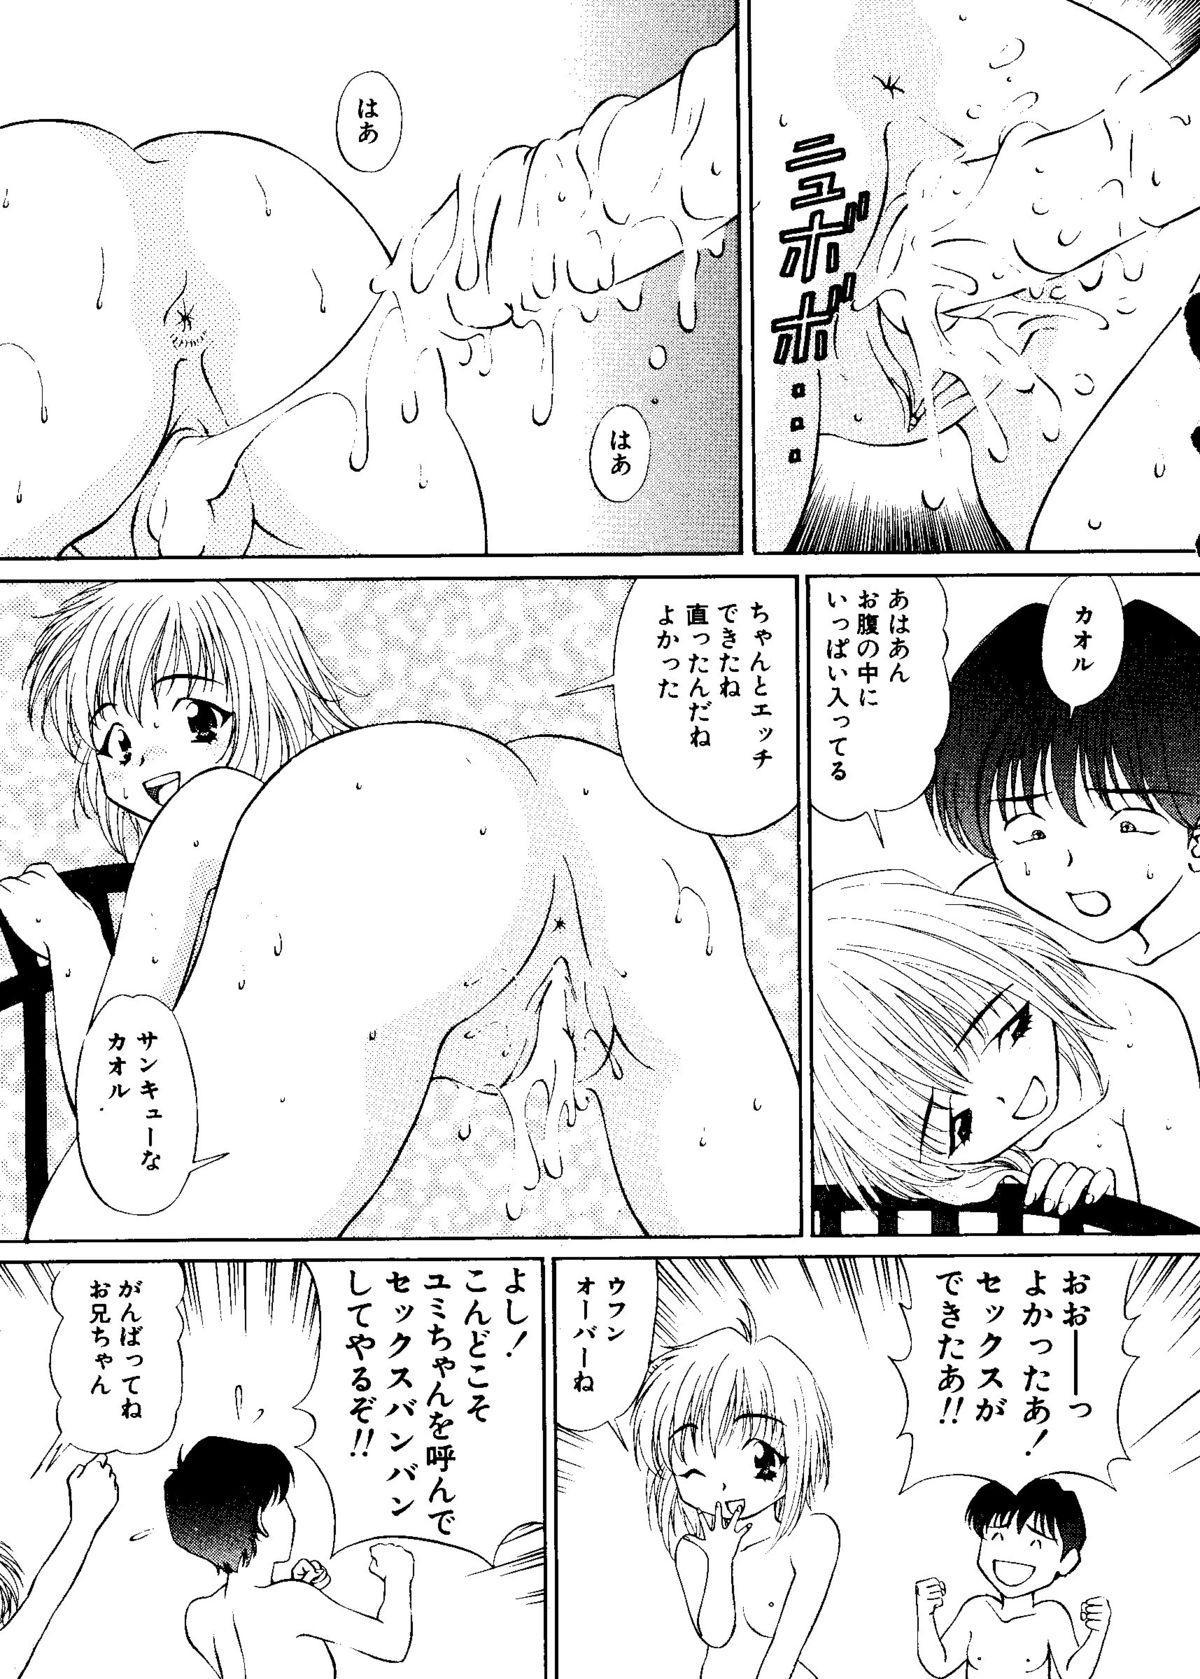 Mujirushi Youhin Vol. 7 57